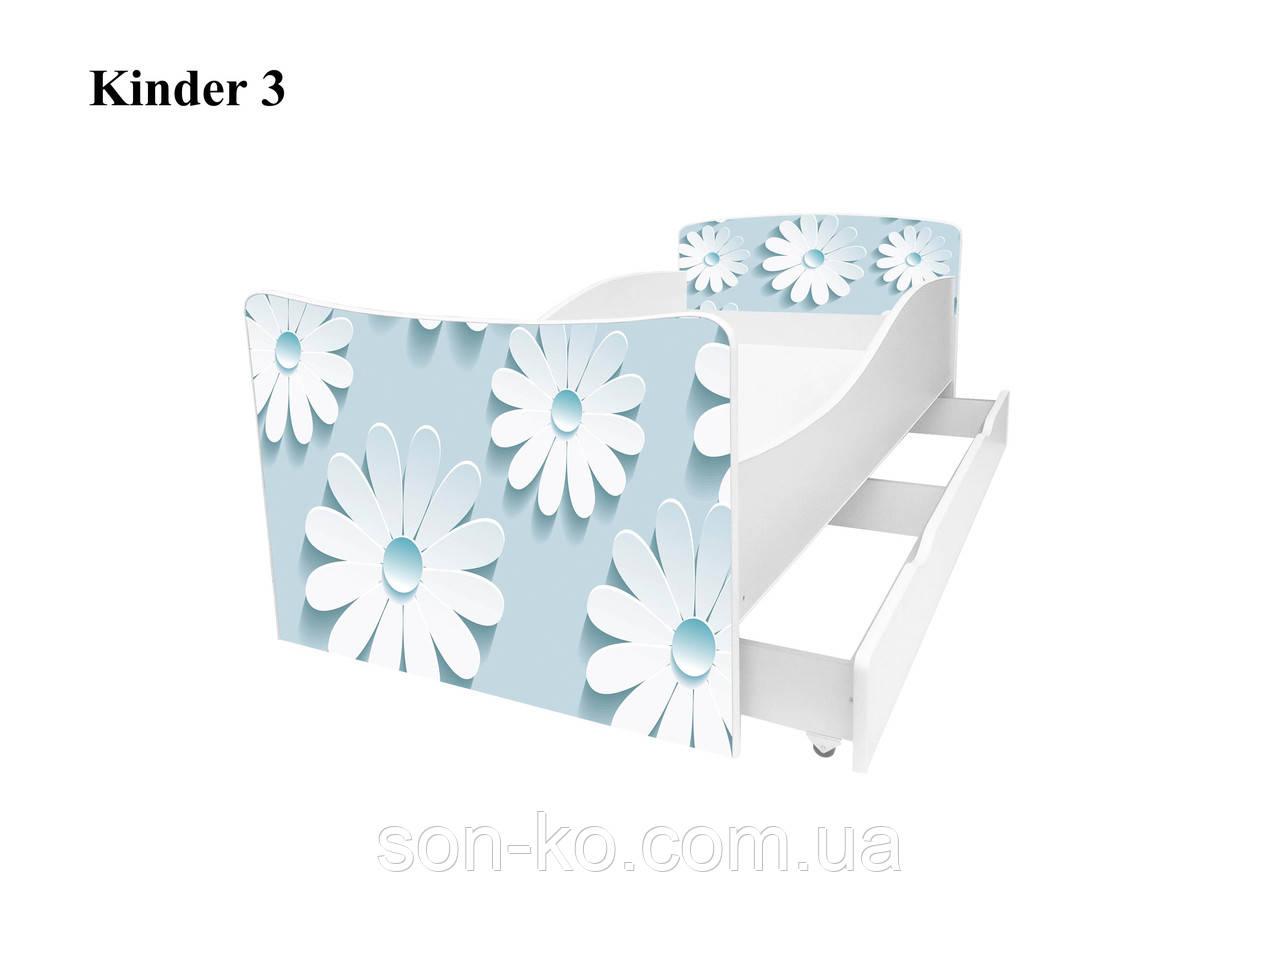 Кровать детская Киндер Цветочки, бабочки, сердечки. Бесплатная доставка